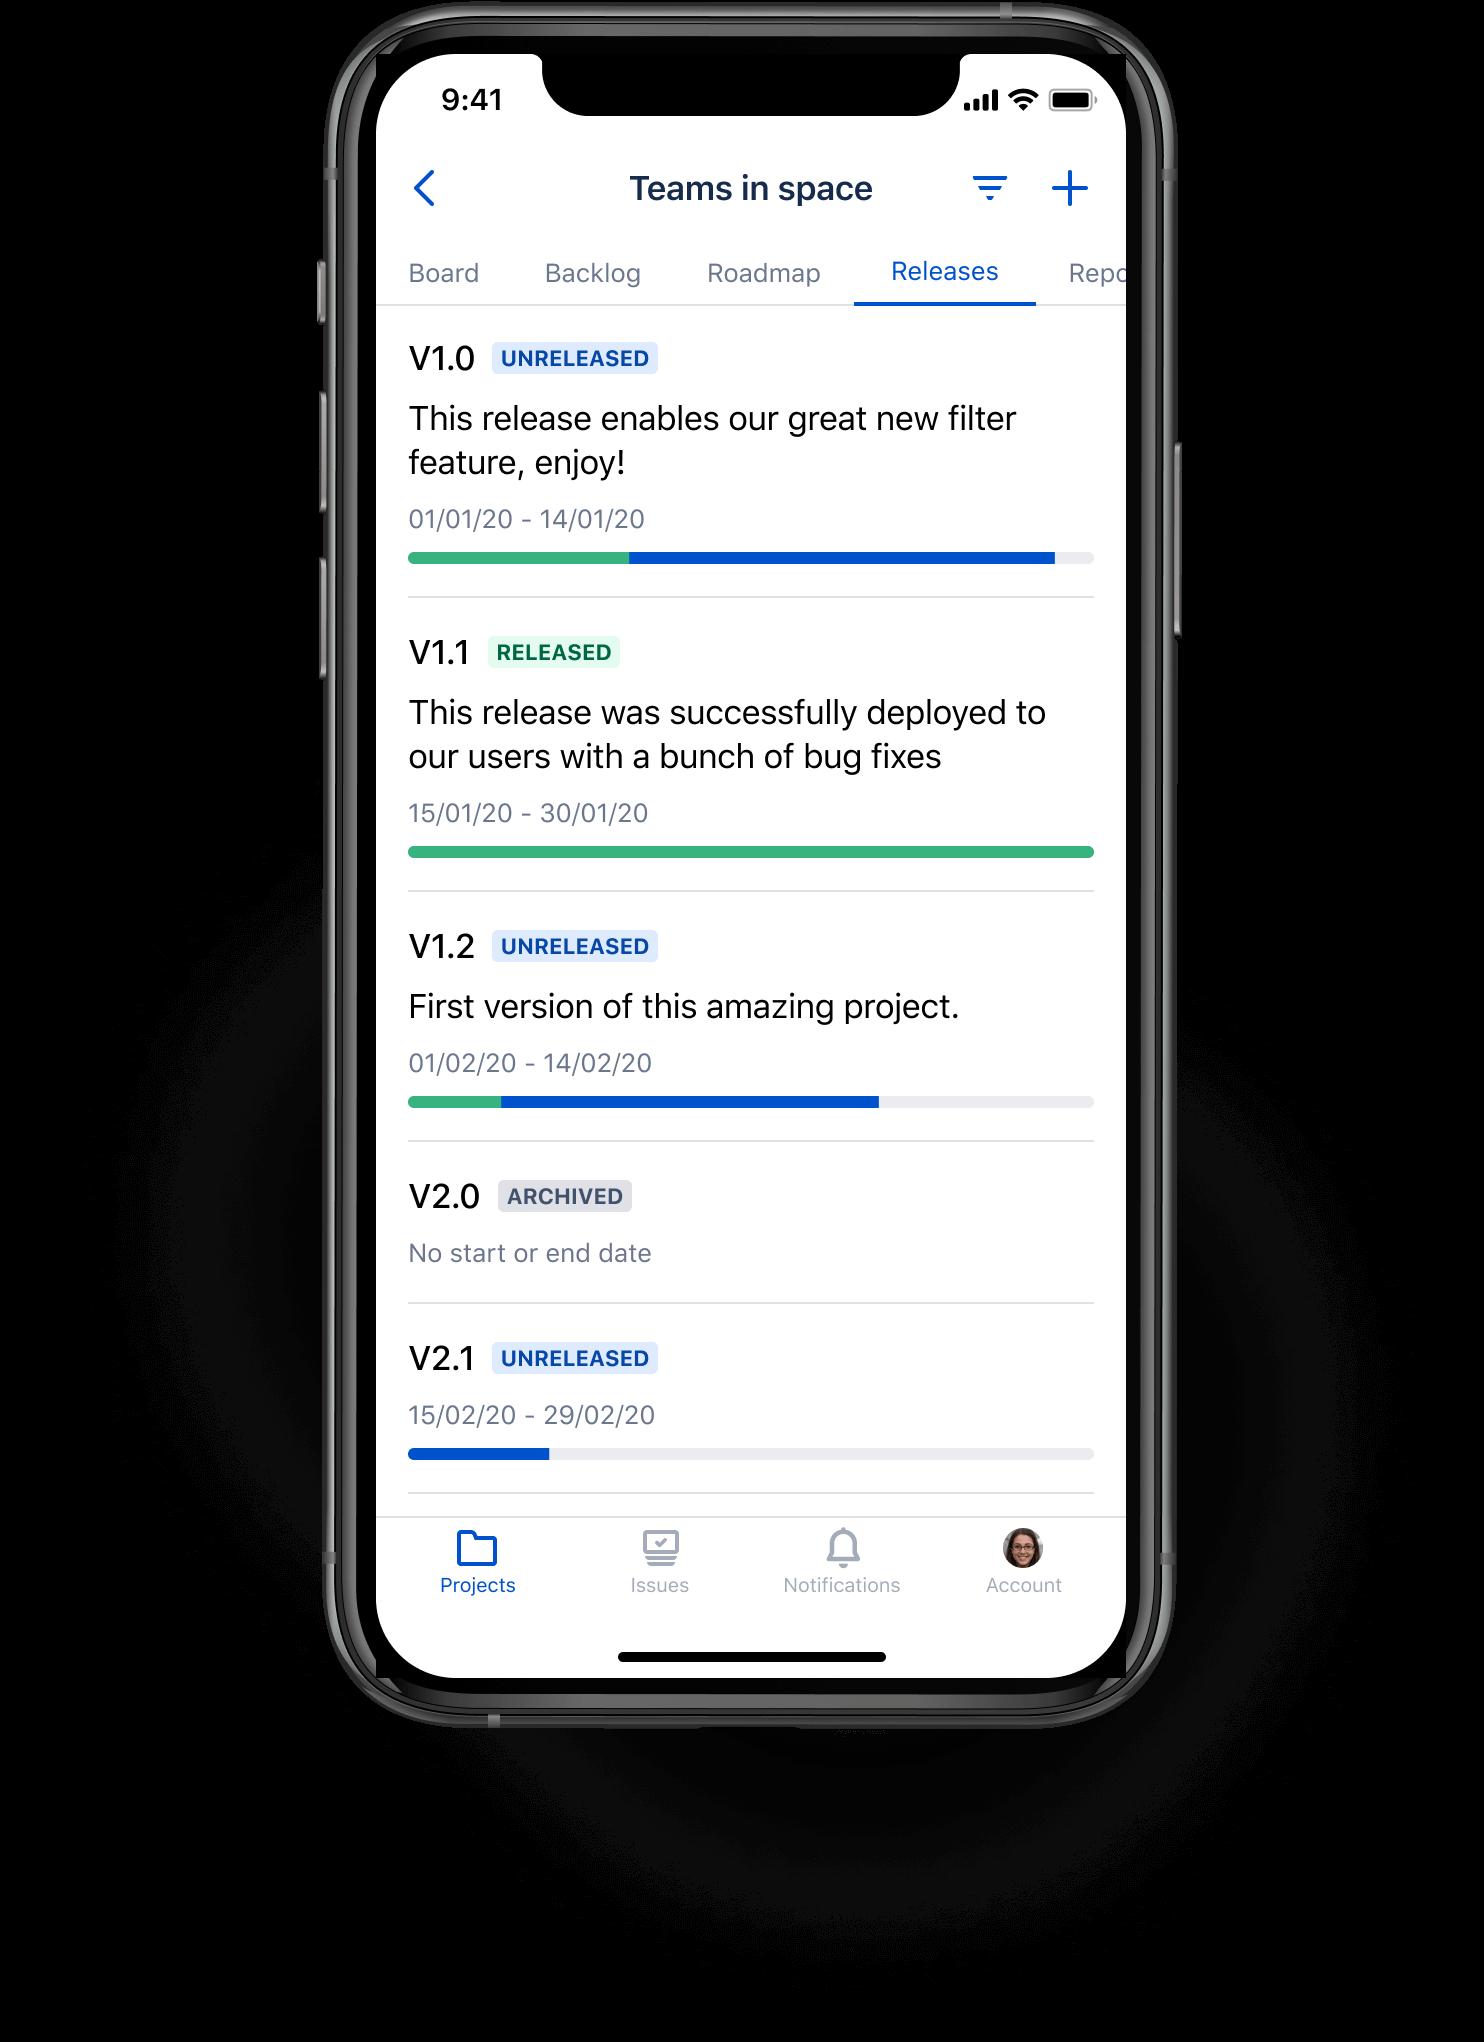 Lançamentos no aplicativo móvel Jira Cloud